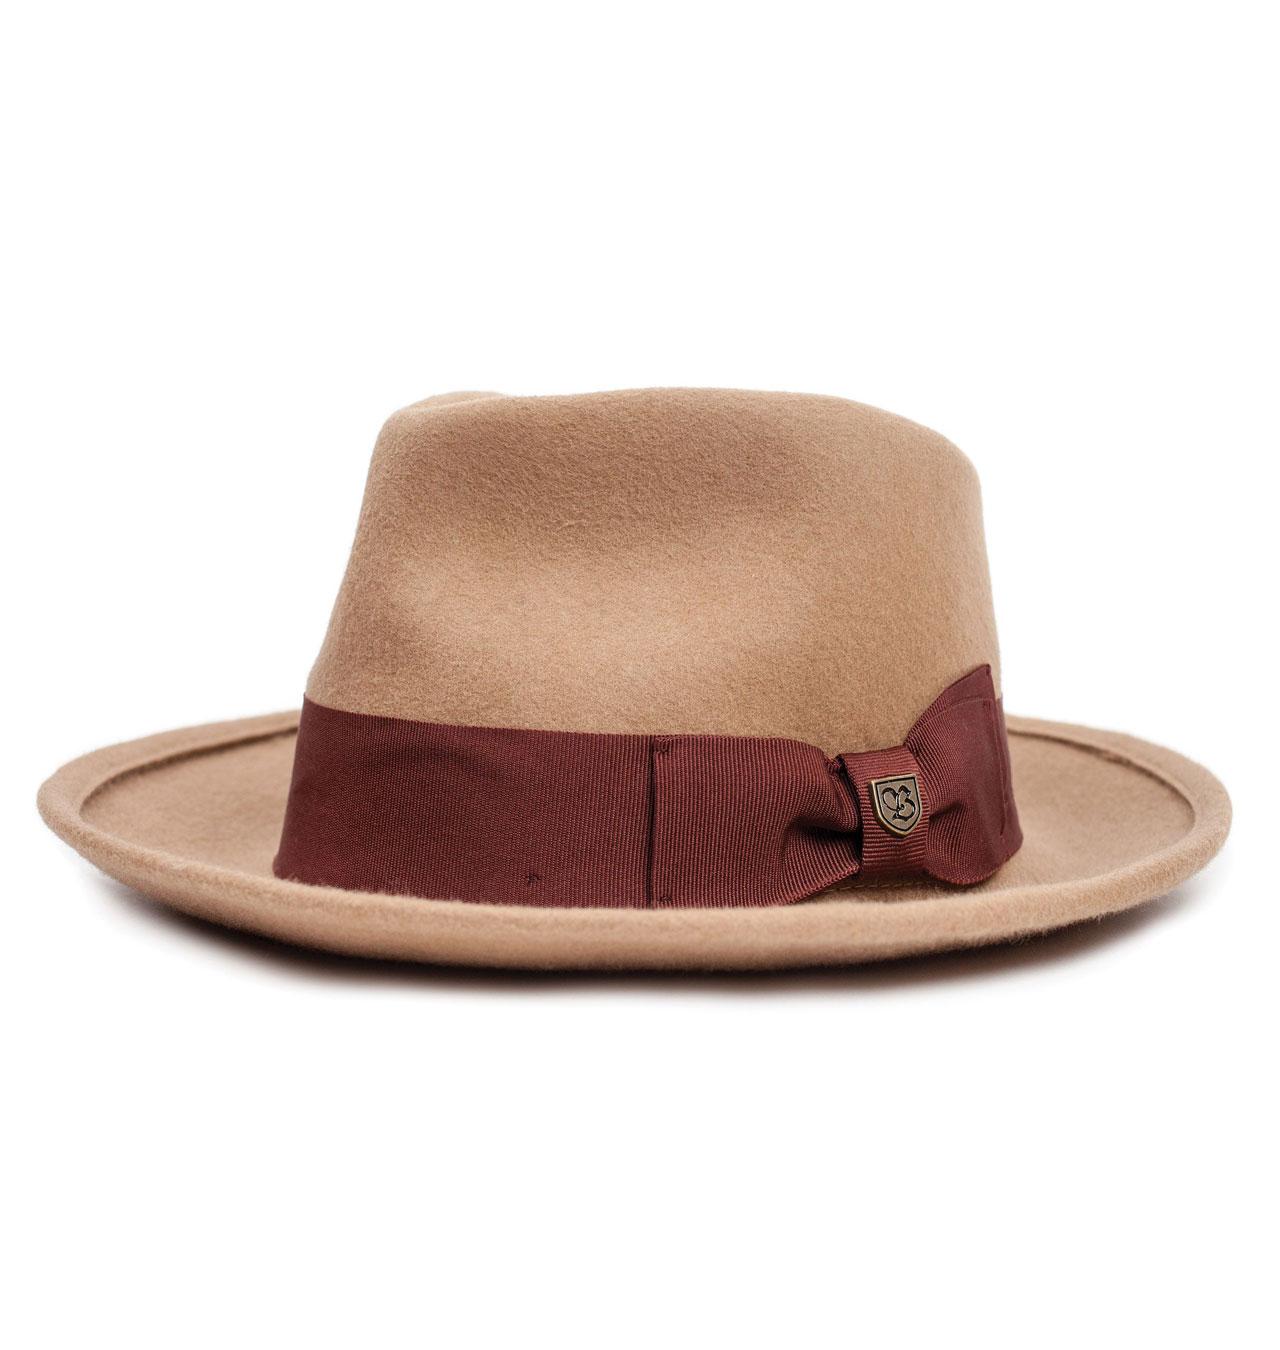 Brixton - Swindle Fedora Hat - Dark Tan 63f124633f6a